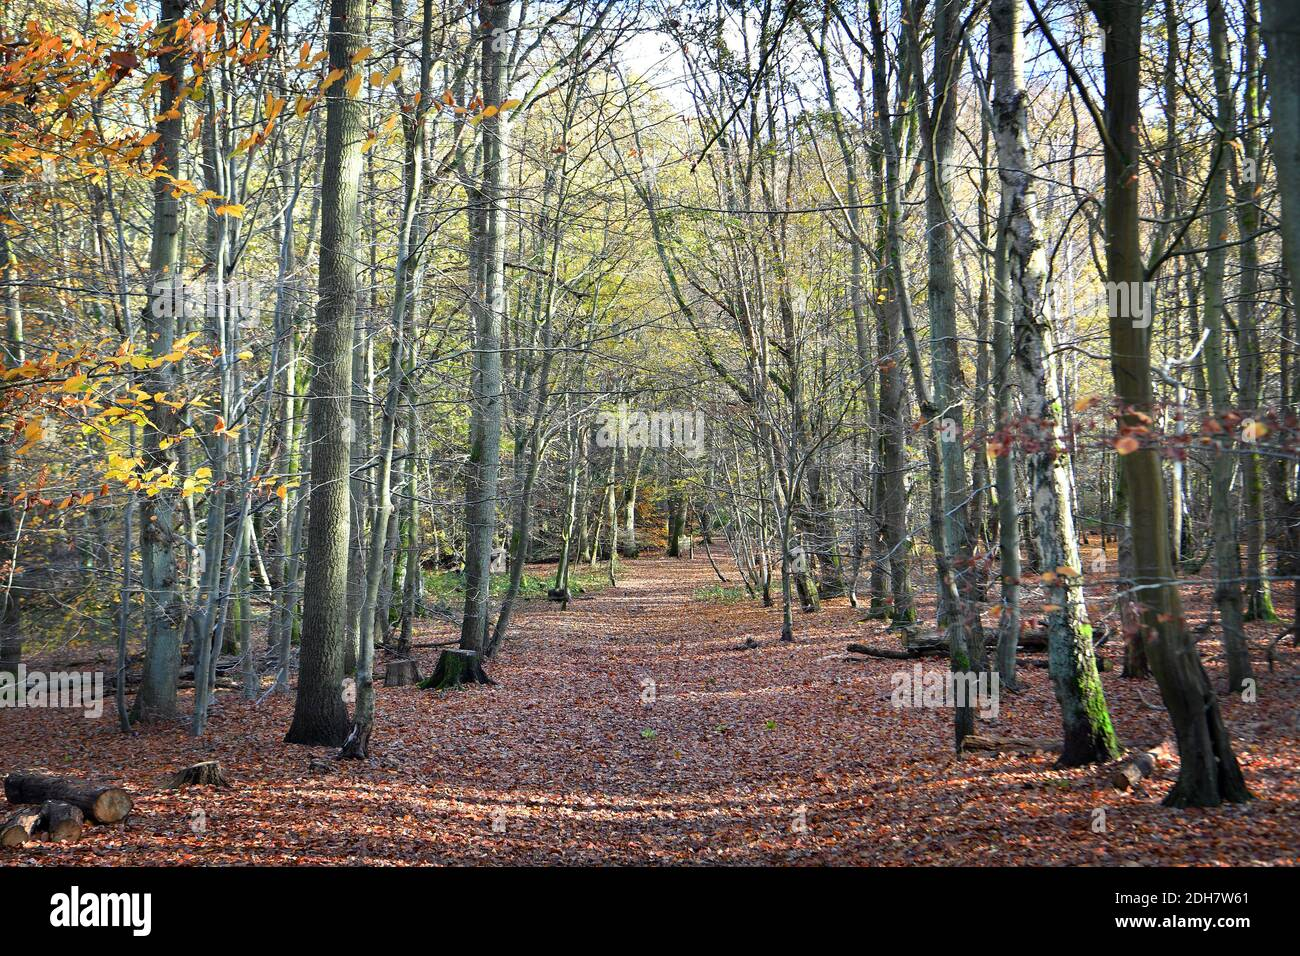 Photos pour une caractéristique sur Wellesley Woodland, Aldershot - automne Weekend Walks caractéristique. Woodland Trails, jeudi 12 novembre 2020. Banque D'Images